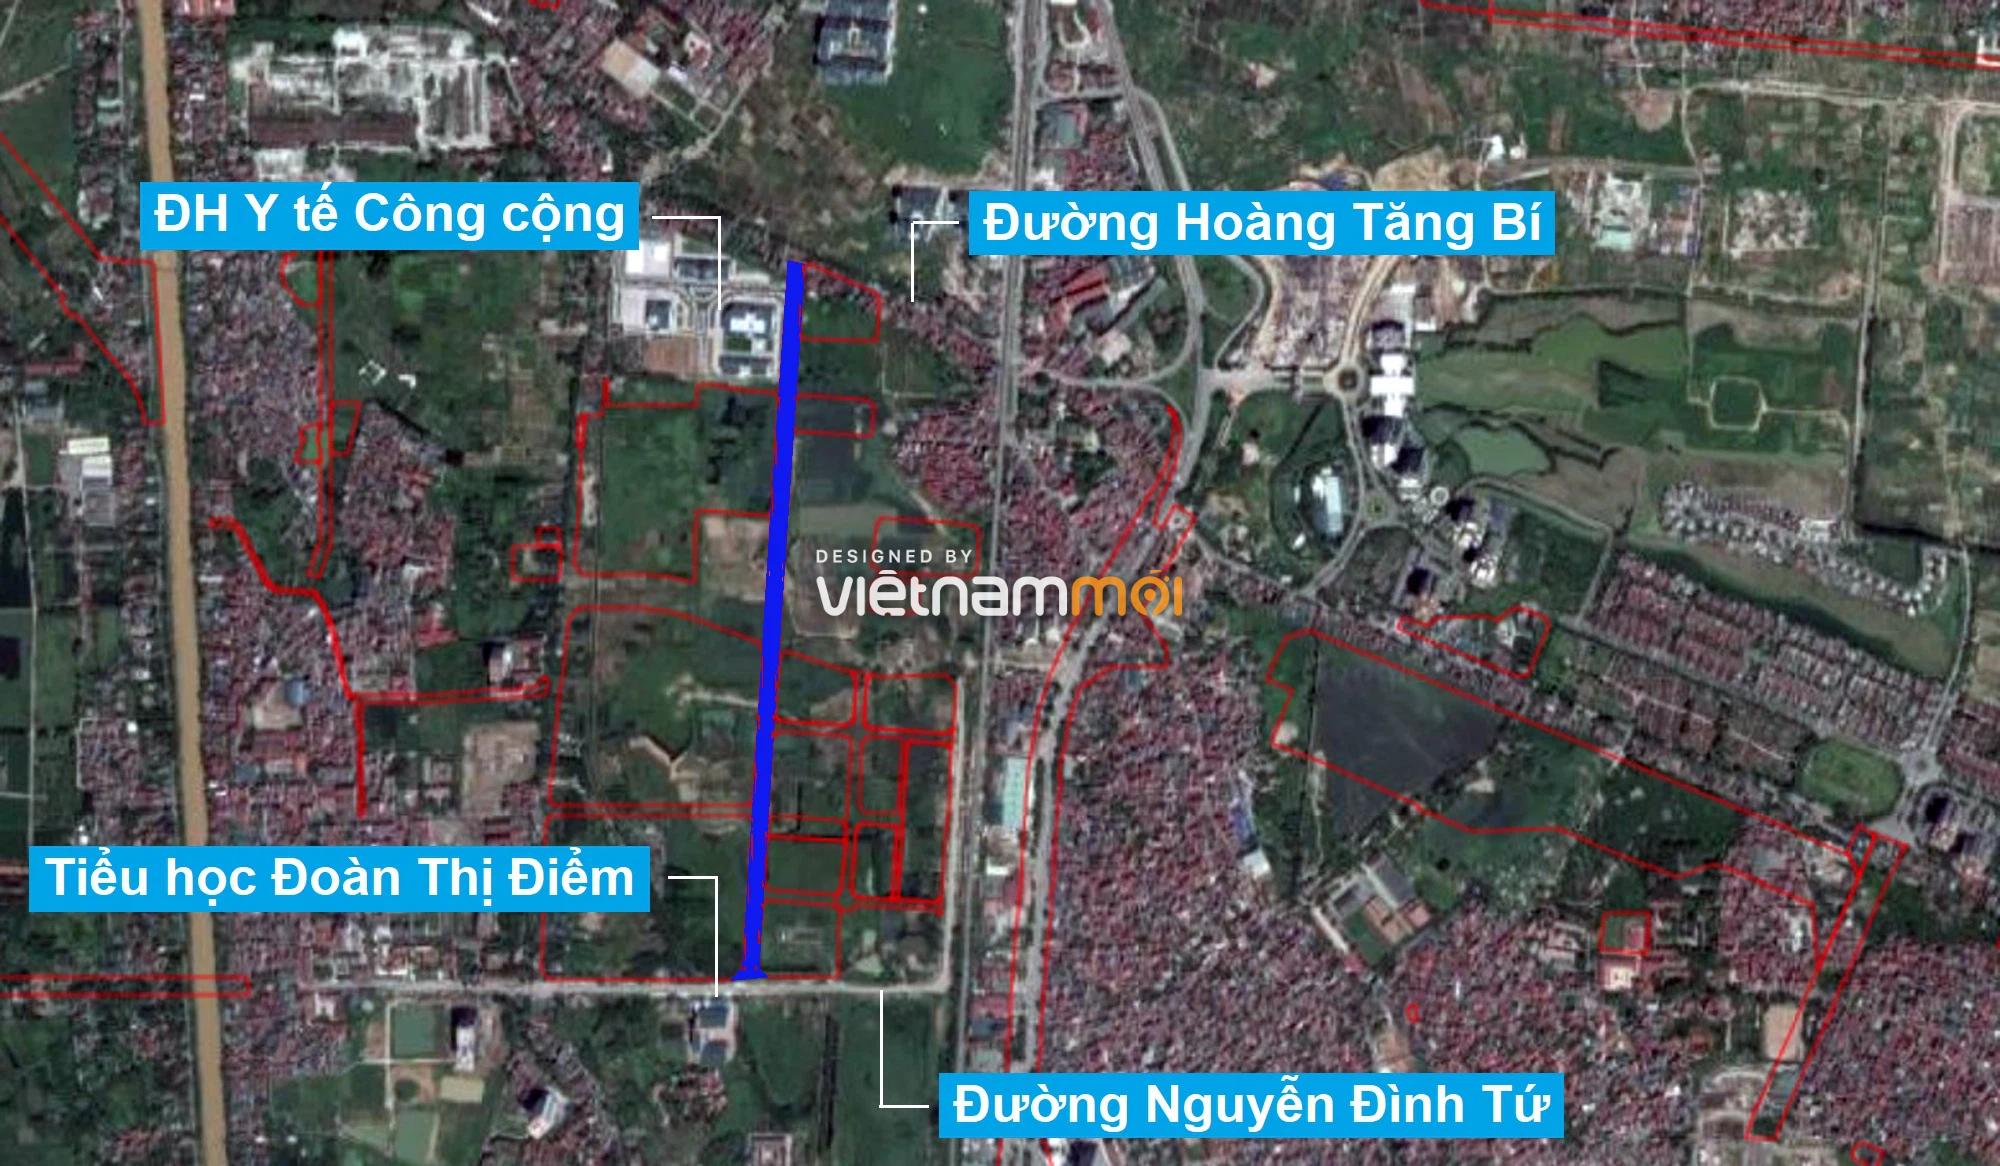 Những khu đất sắp thu hồi để mở đường ở quận Bắc Từ Liêm, Hà Nội (phần 1) - Ảnh 17.